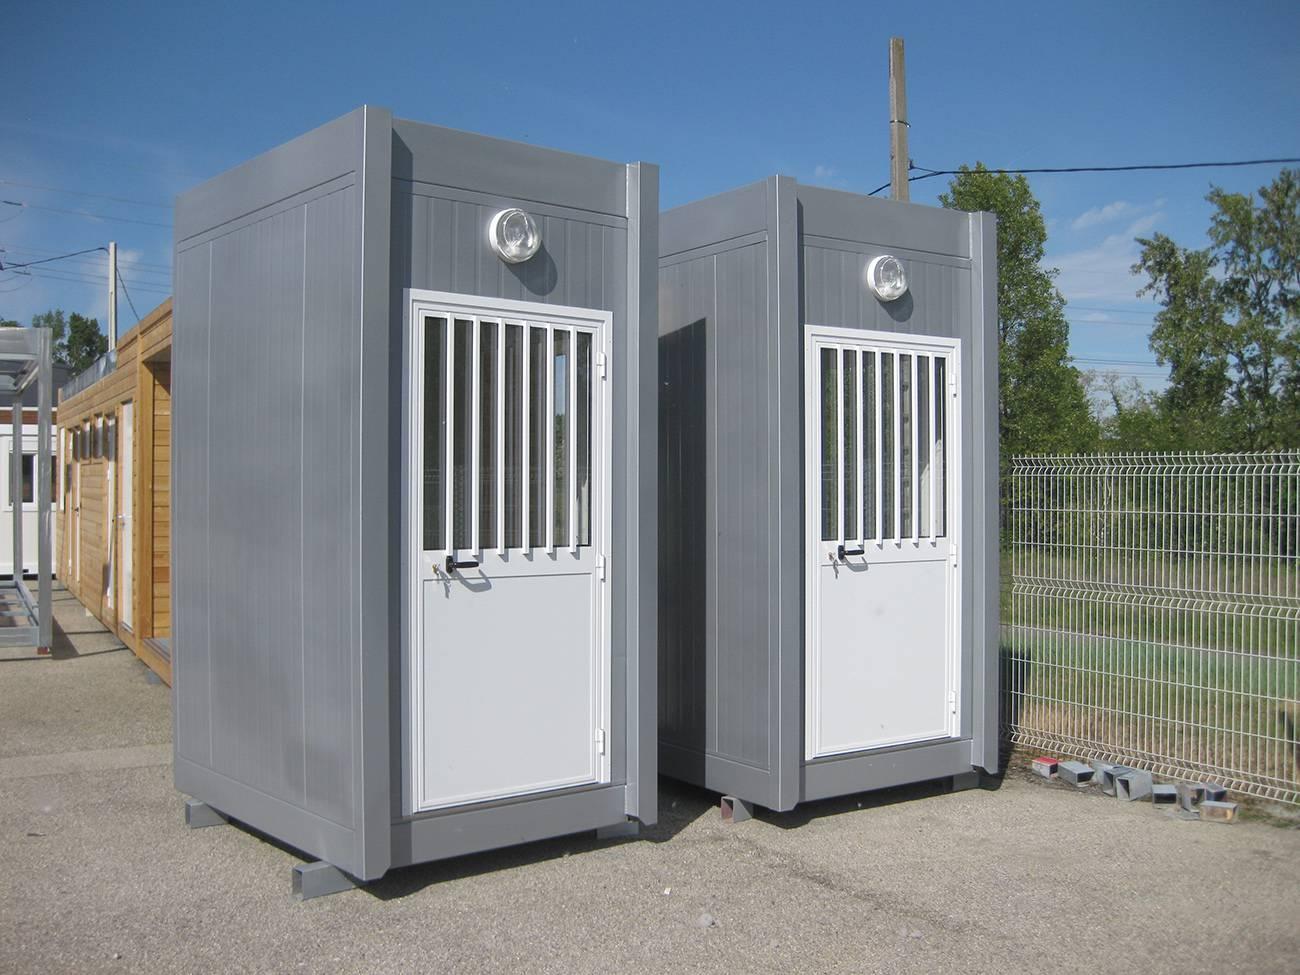 Bâtiments de garde modulaires pour le parc des expositions de l'Ain.JPG